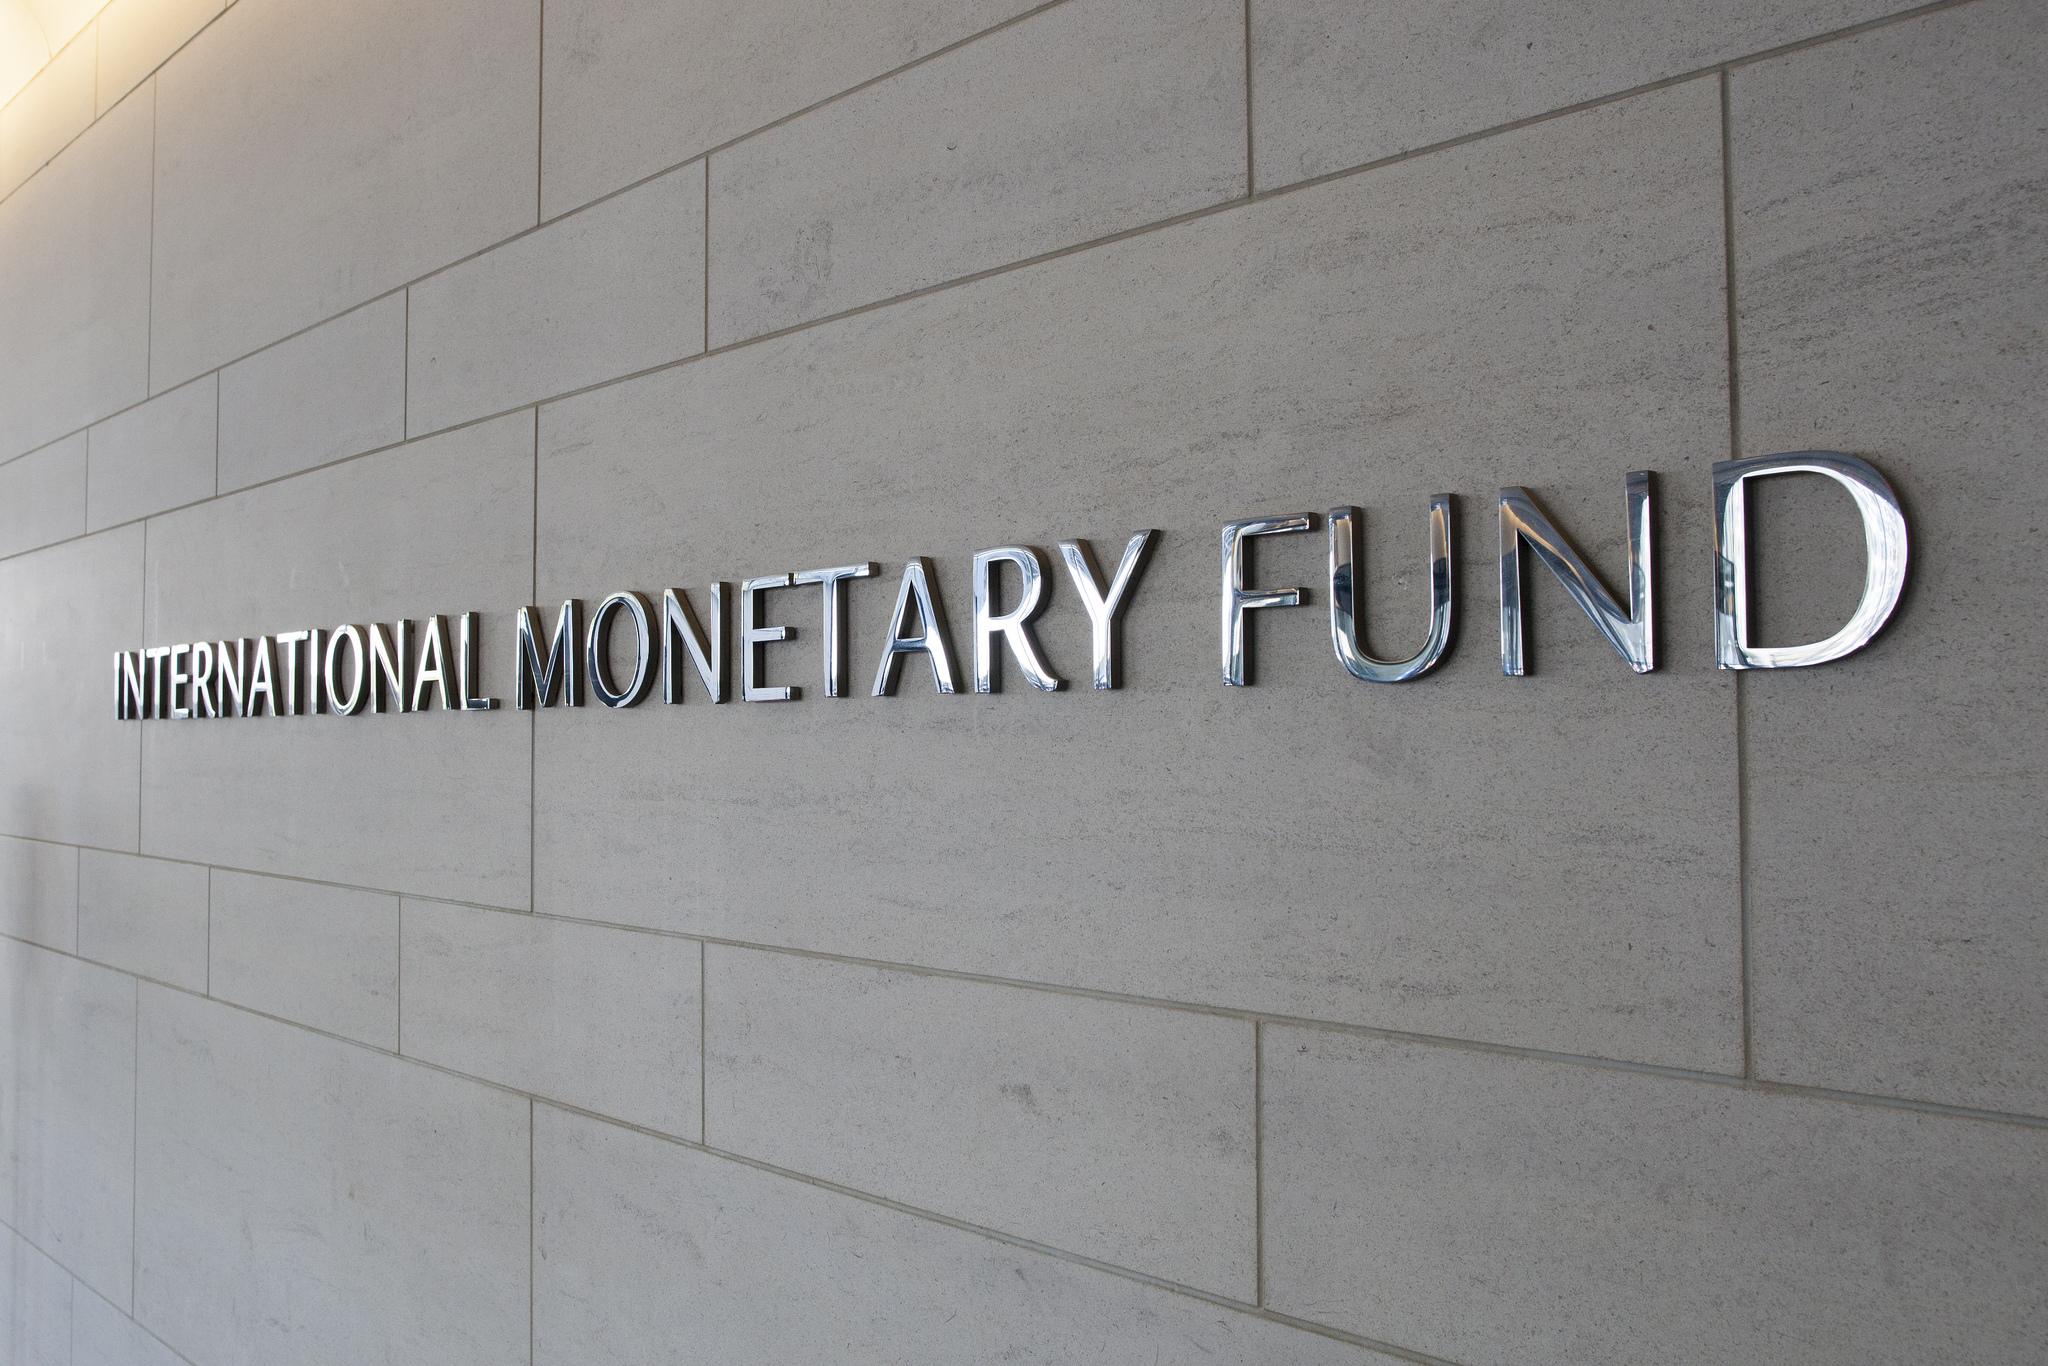 ΔΝΤ: Μεταρρυθμίσεις και ελάφρυνση του χρέους για την Ελλάδα η πάγια θέση